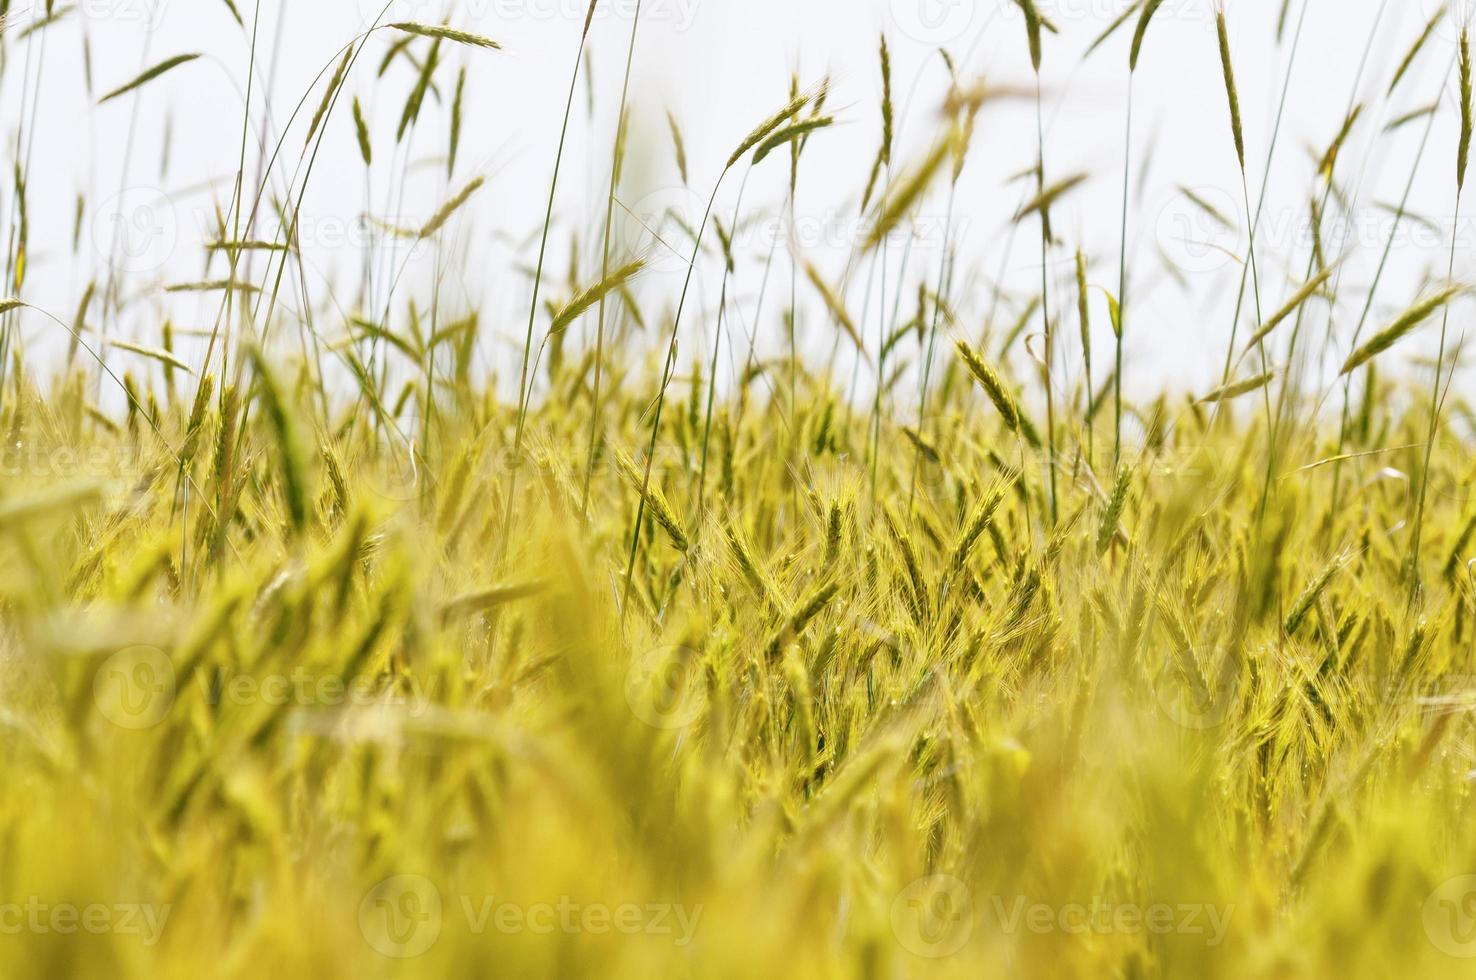 dettaglio grano verde foto